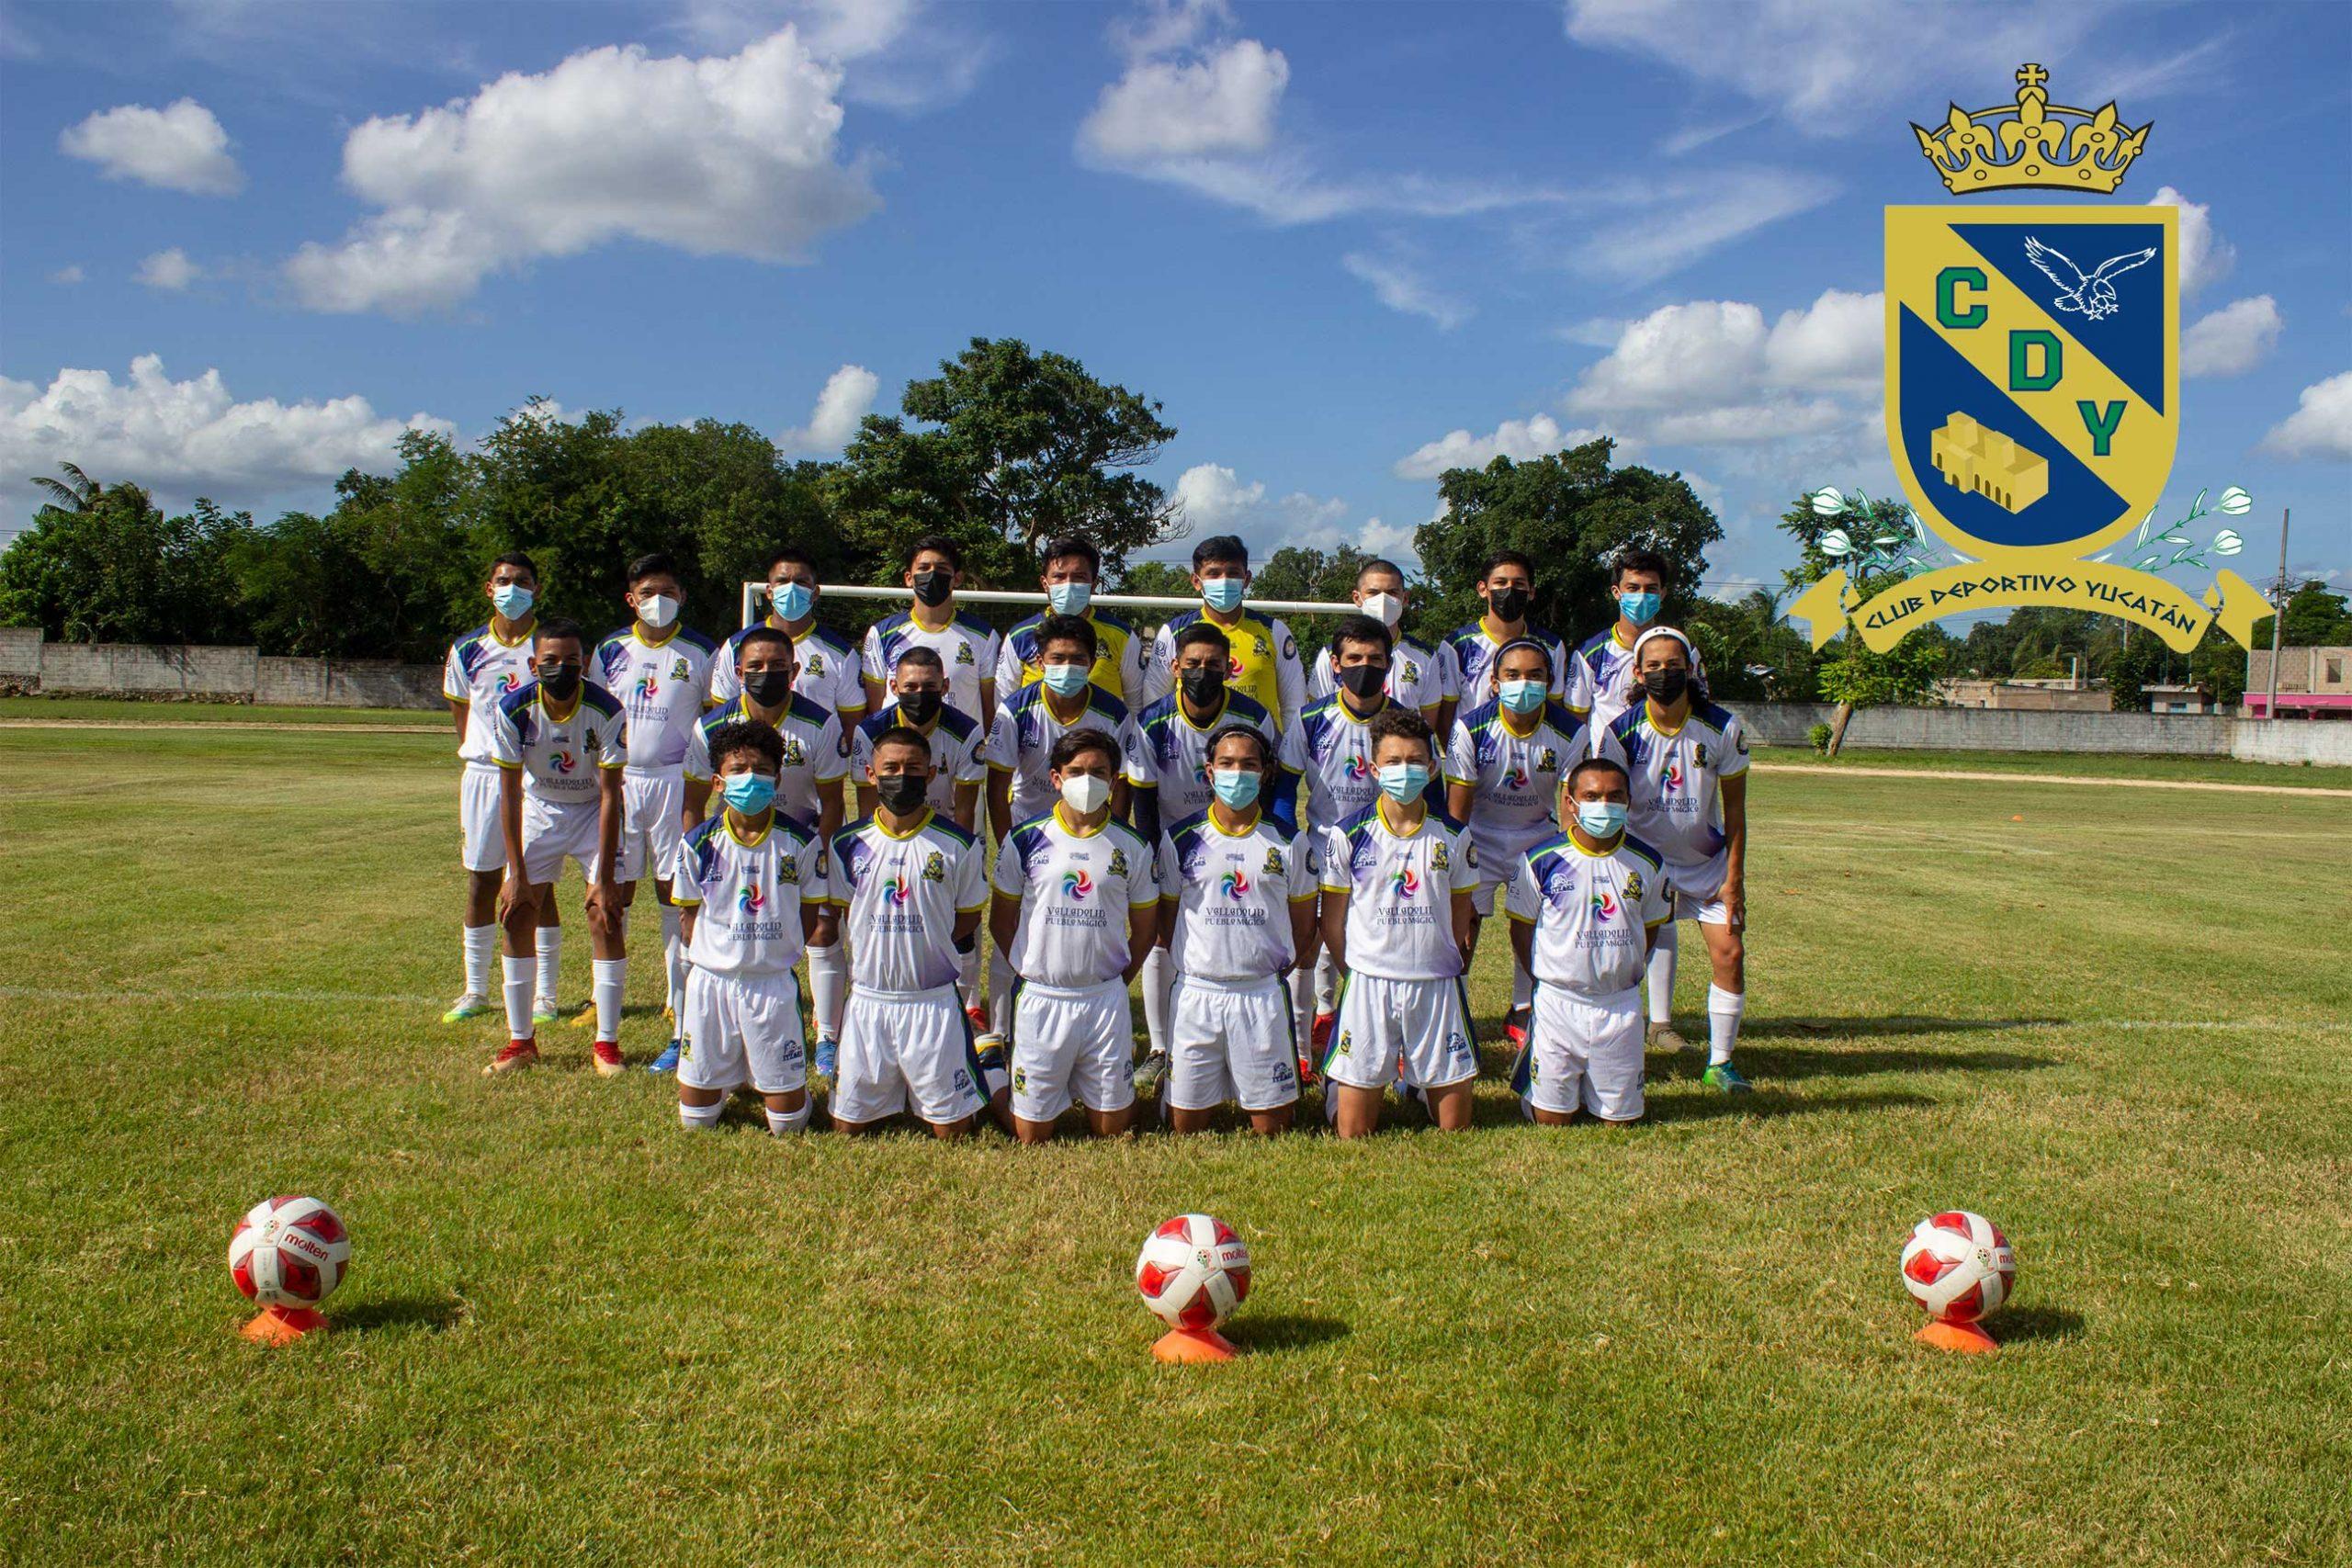 Club Deportivo Yucatán